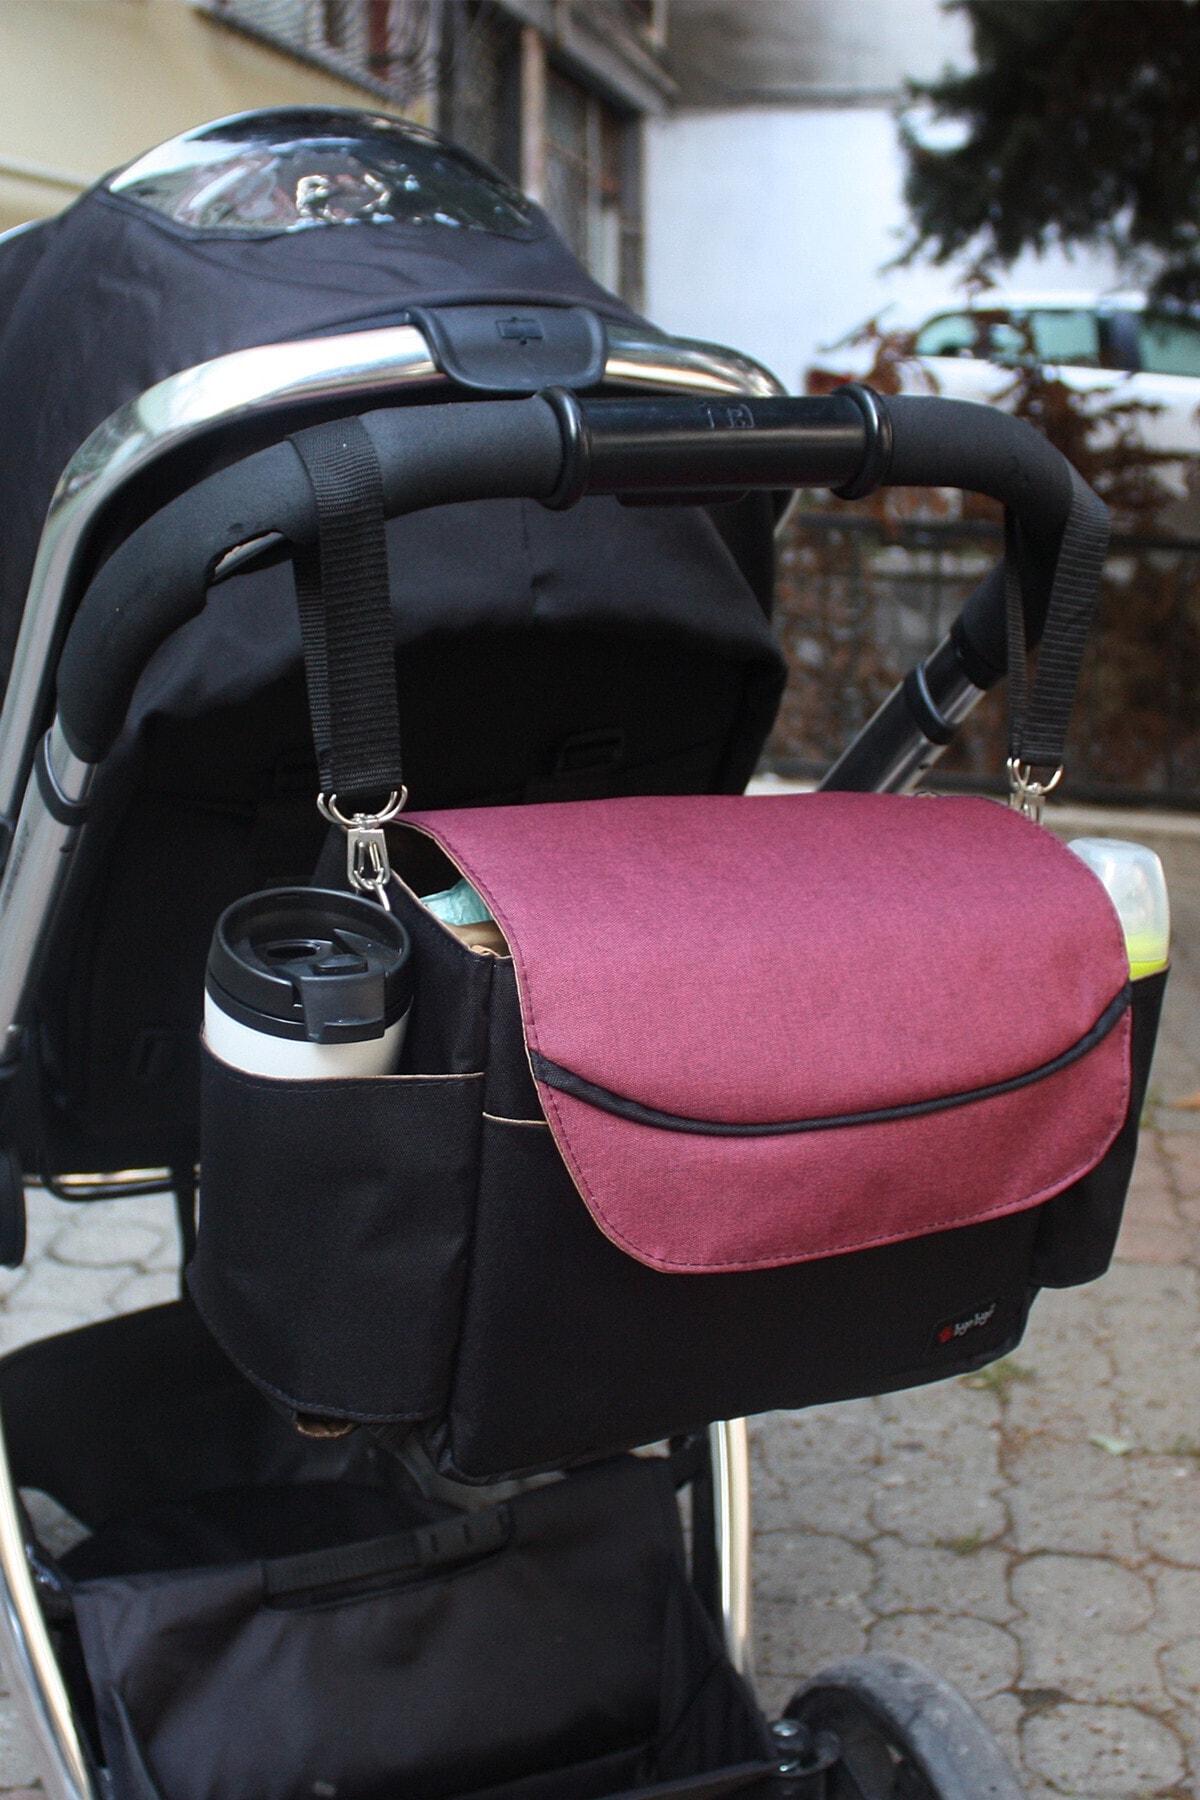 المنظم حقيبة للطفل عربة عالية الجودة سهلة الاستخدام حقيبة